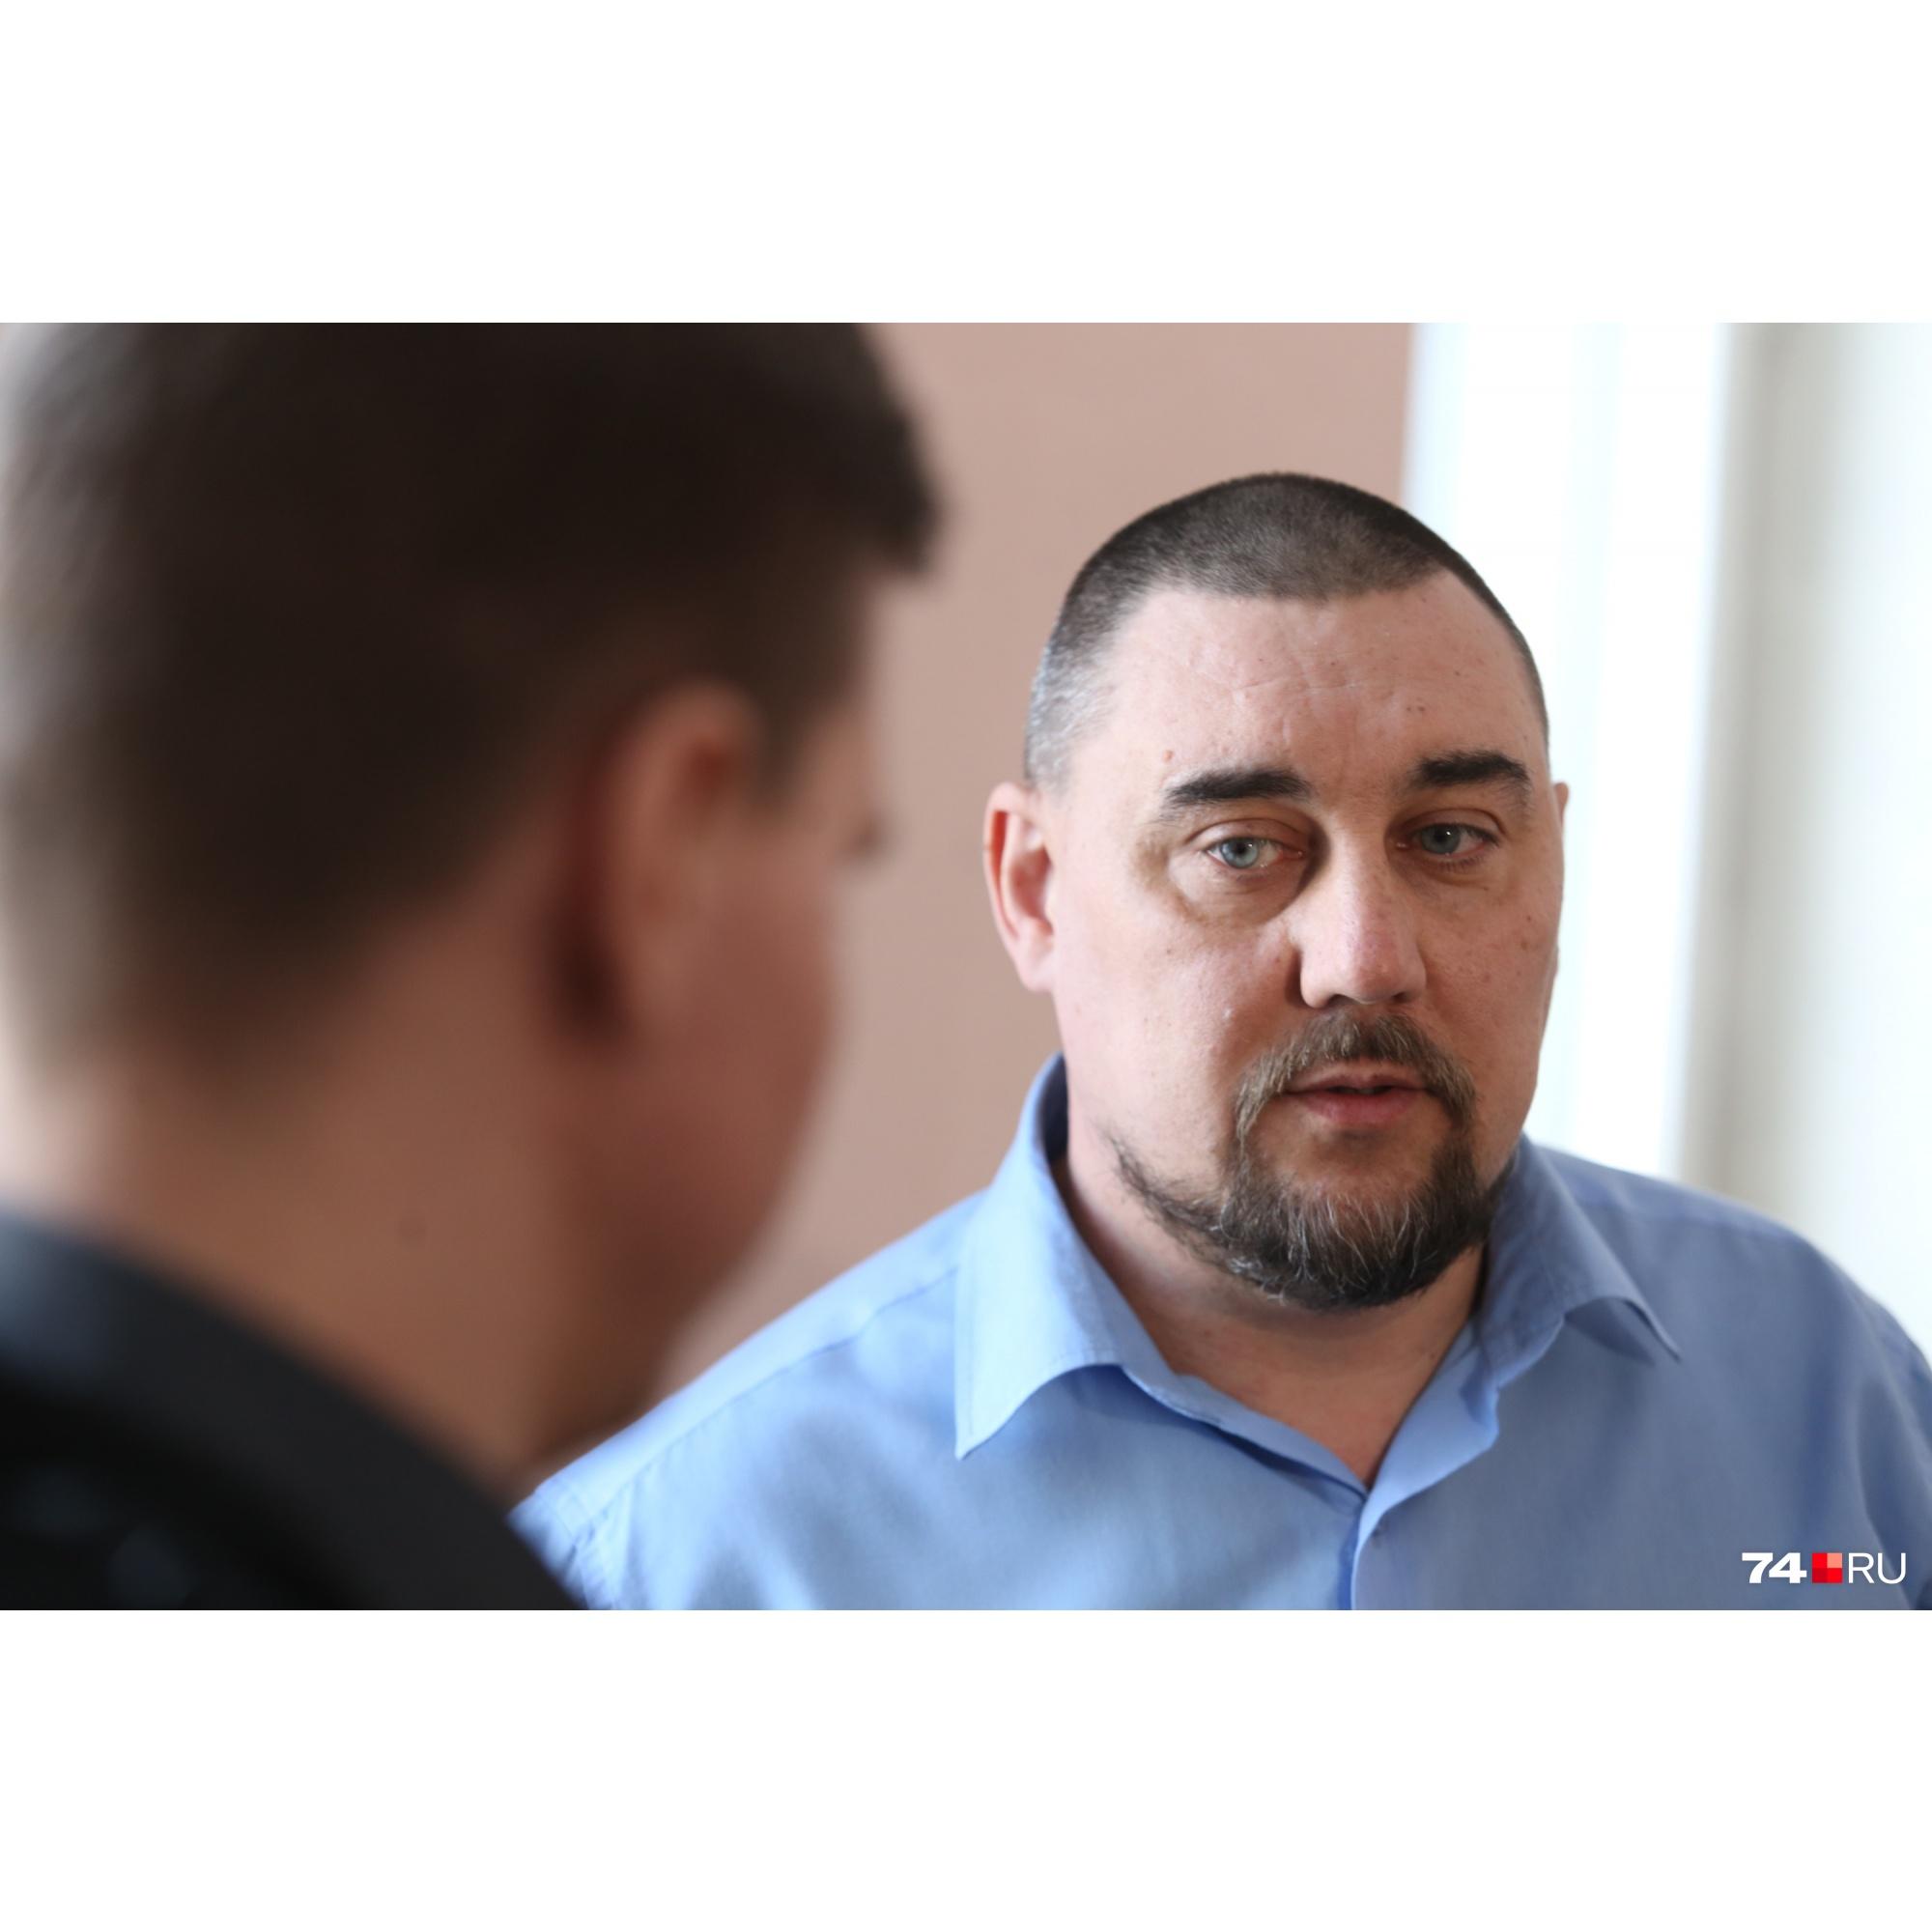 Поддержать Никиту в суде пришёл его отец — Анатолий Лавров